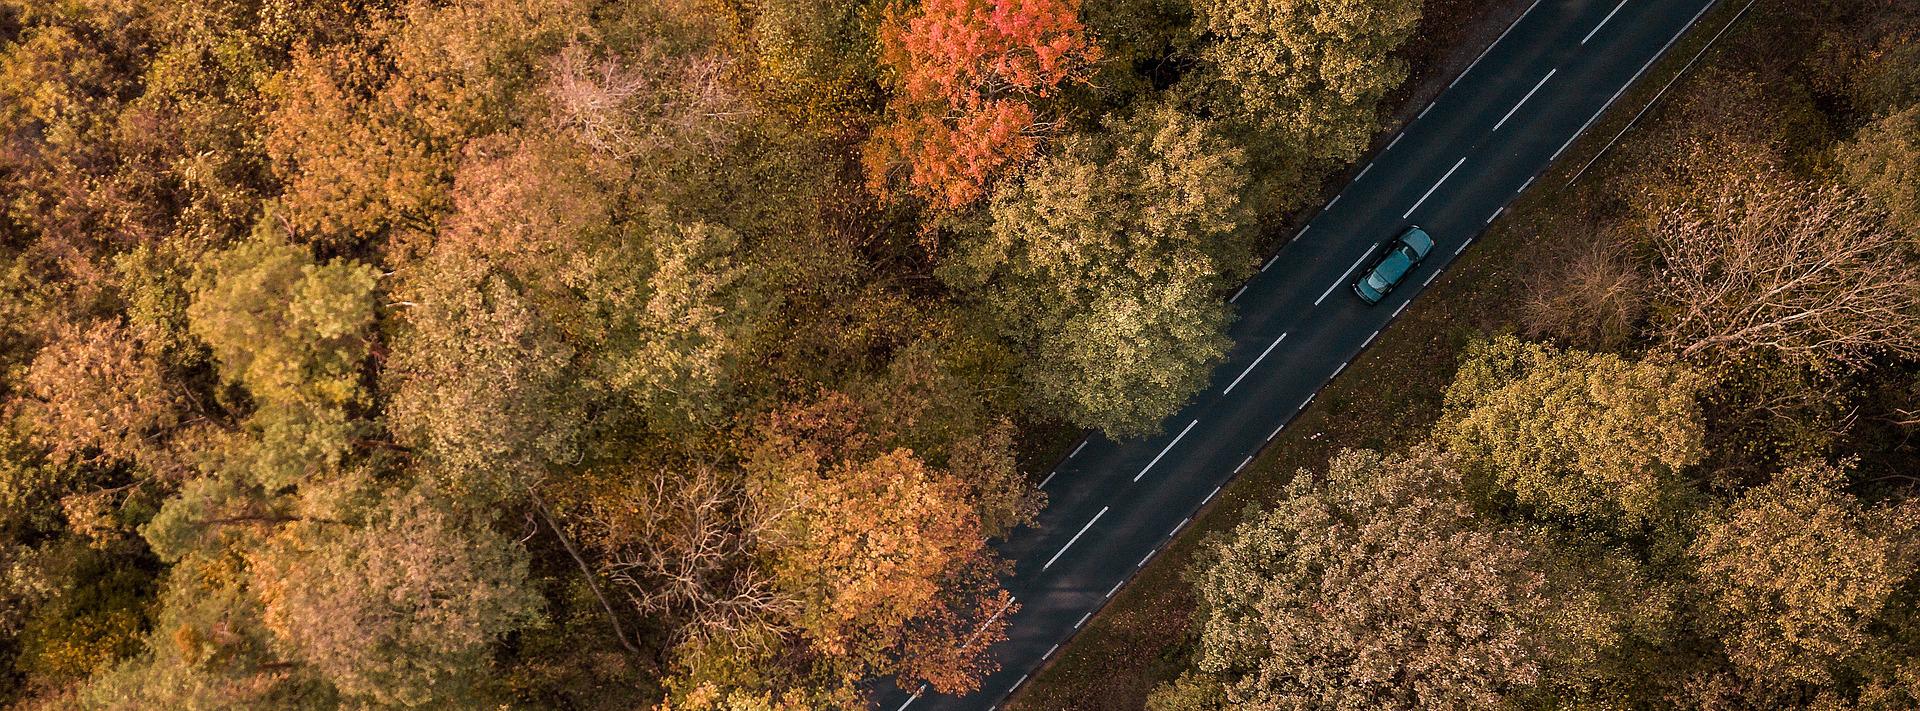 Welcher ist der schönste Deutschland Roadtrip?